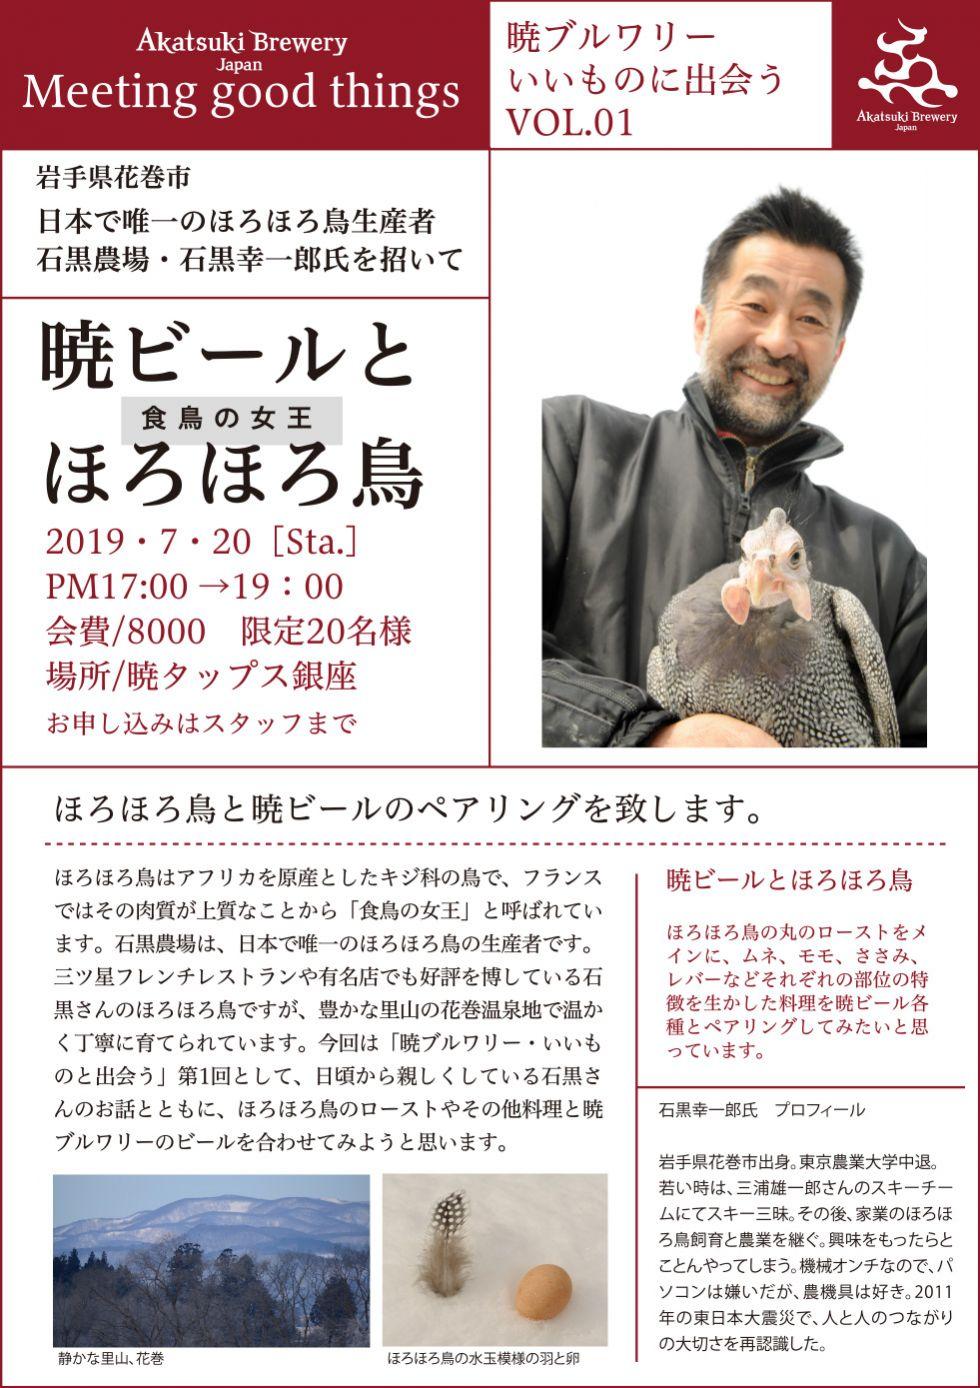 暁ブルワリーいいものに出会う Vol.01